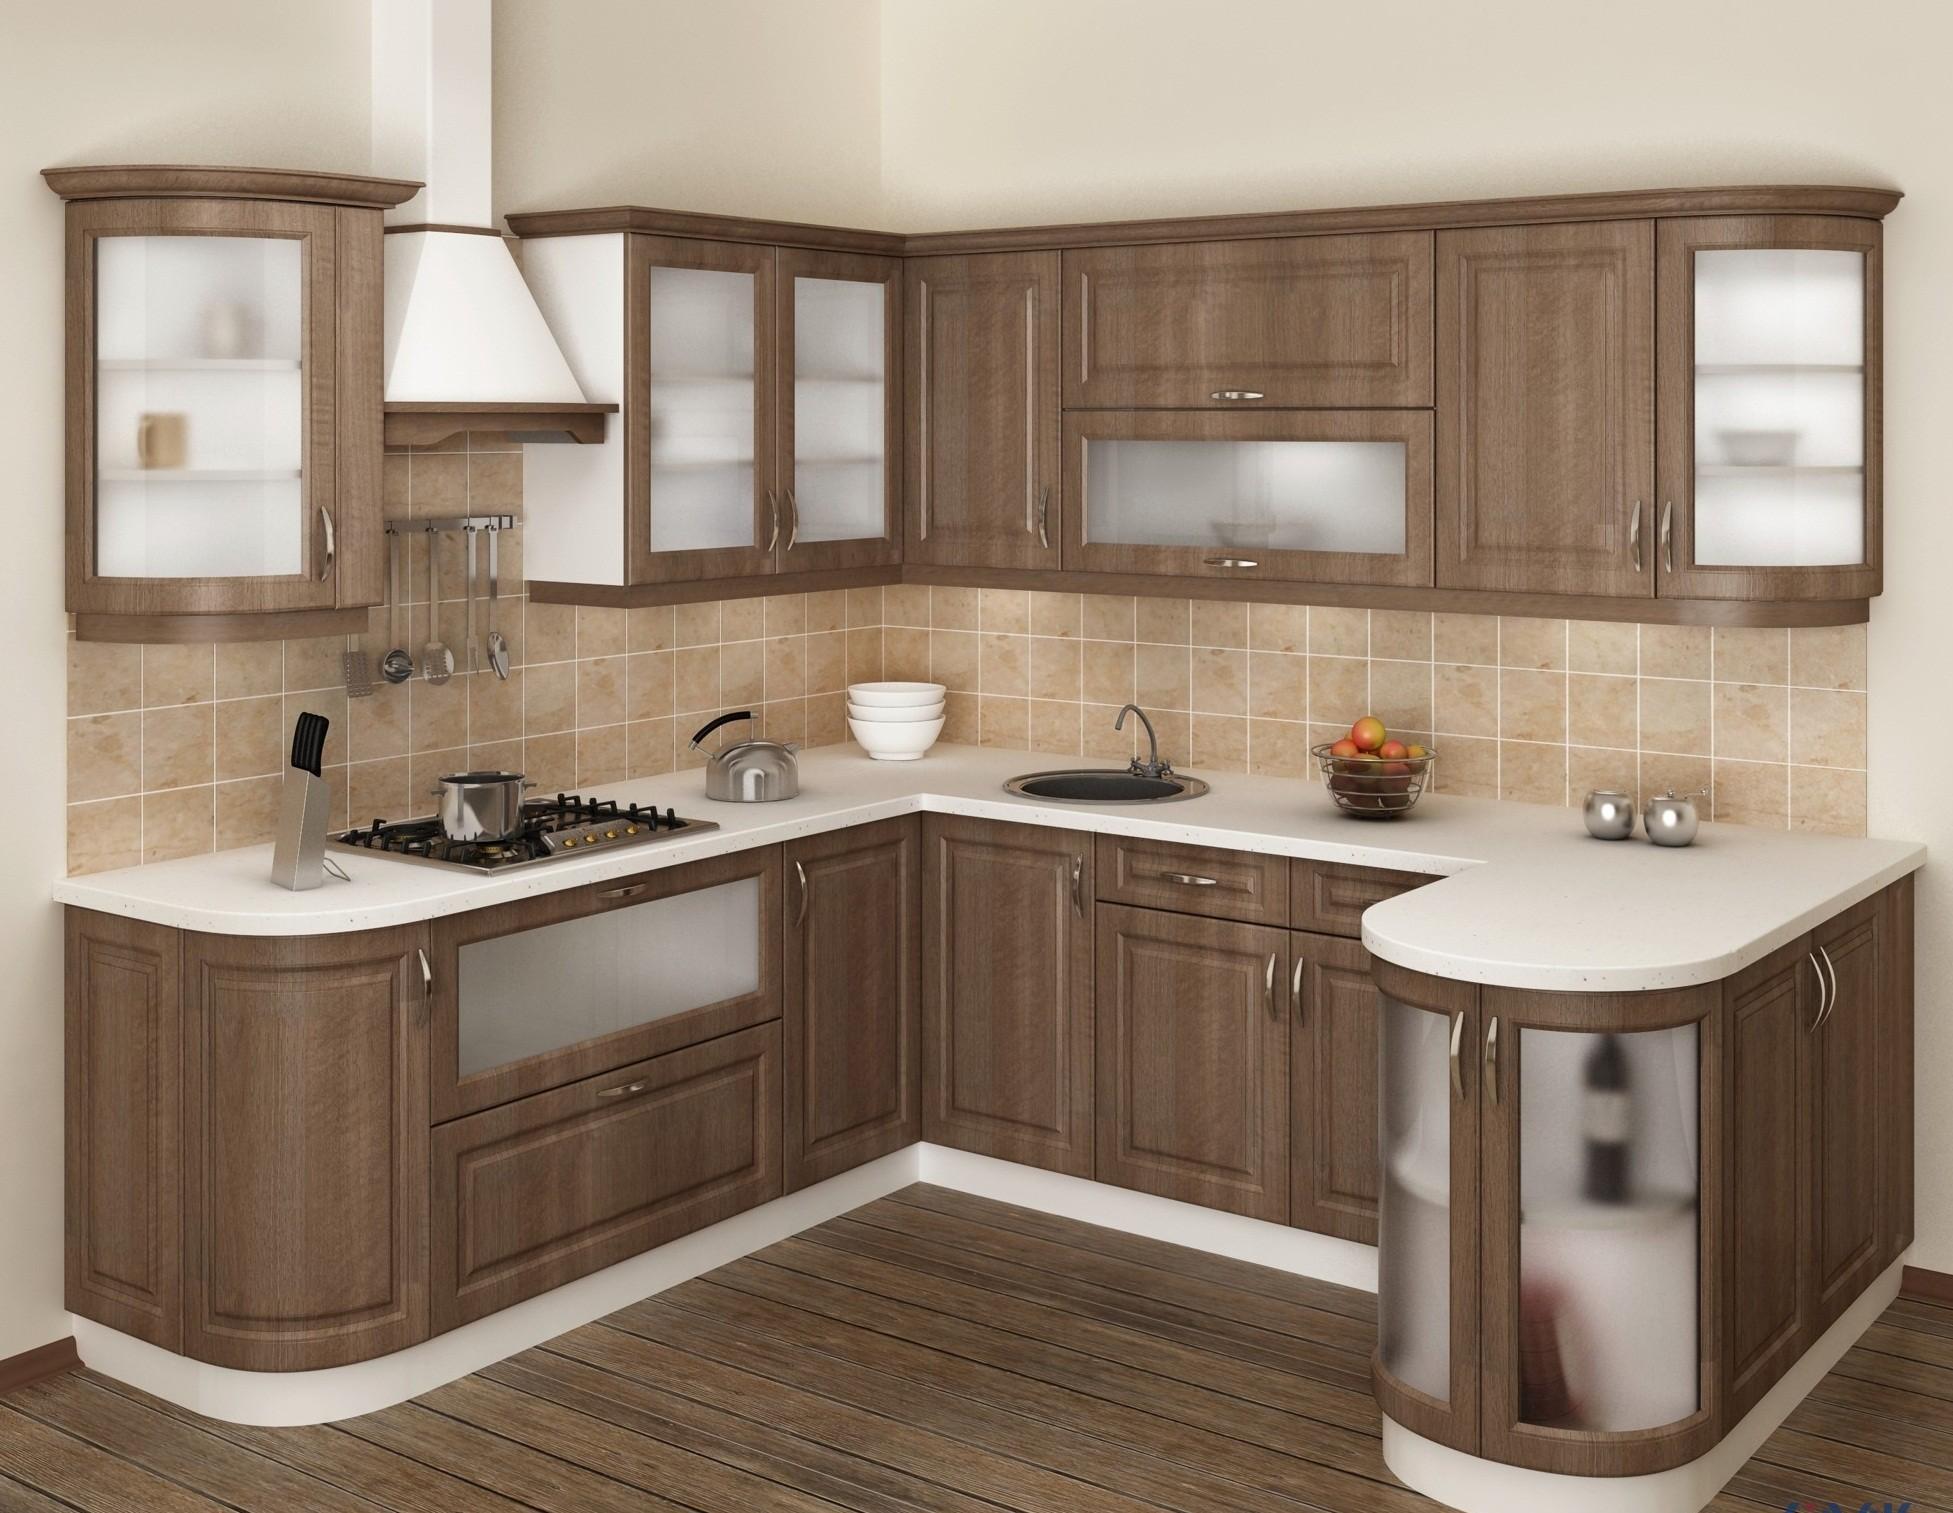 Фото дизайна кухни угловой